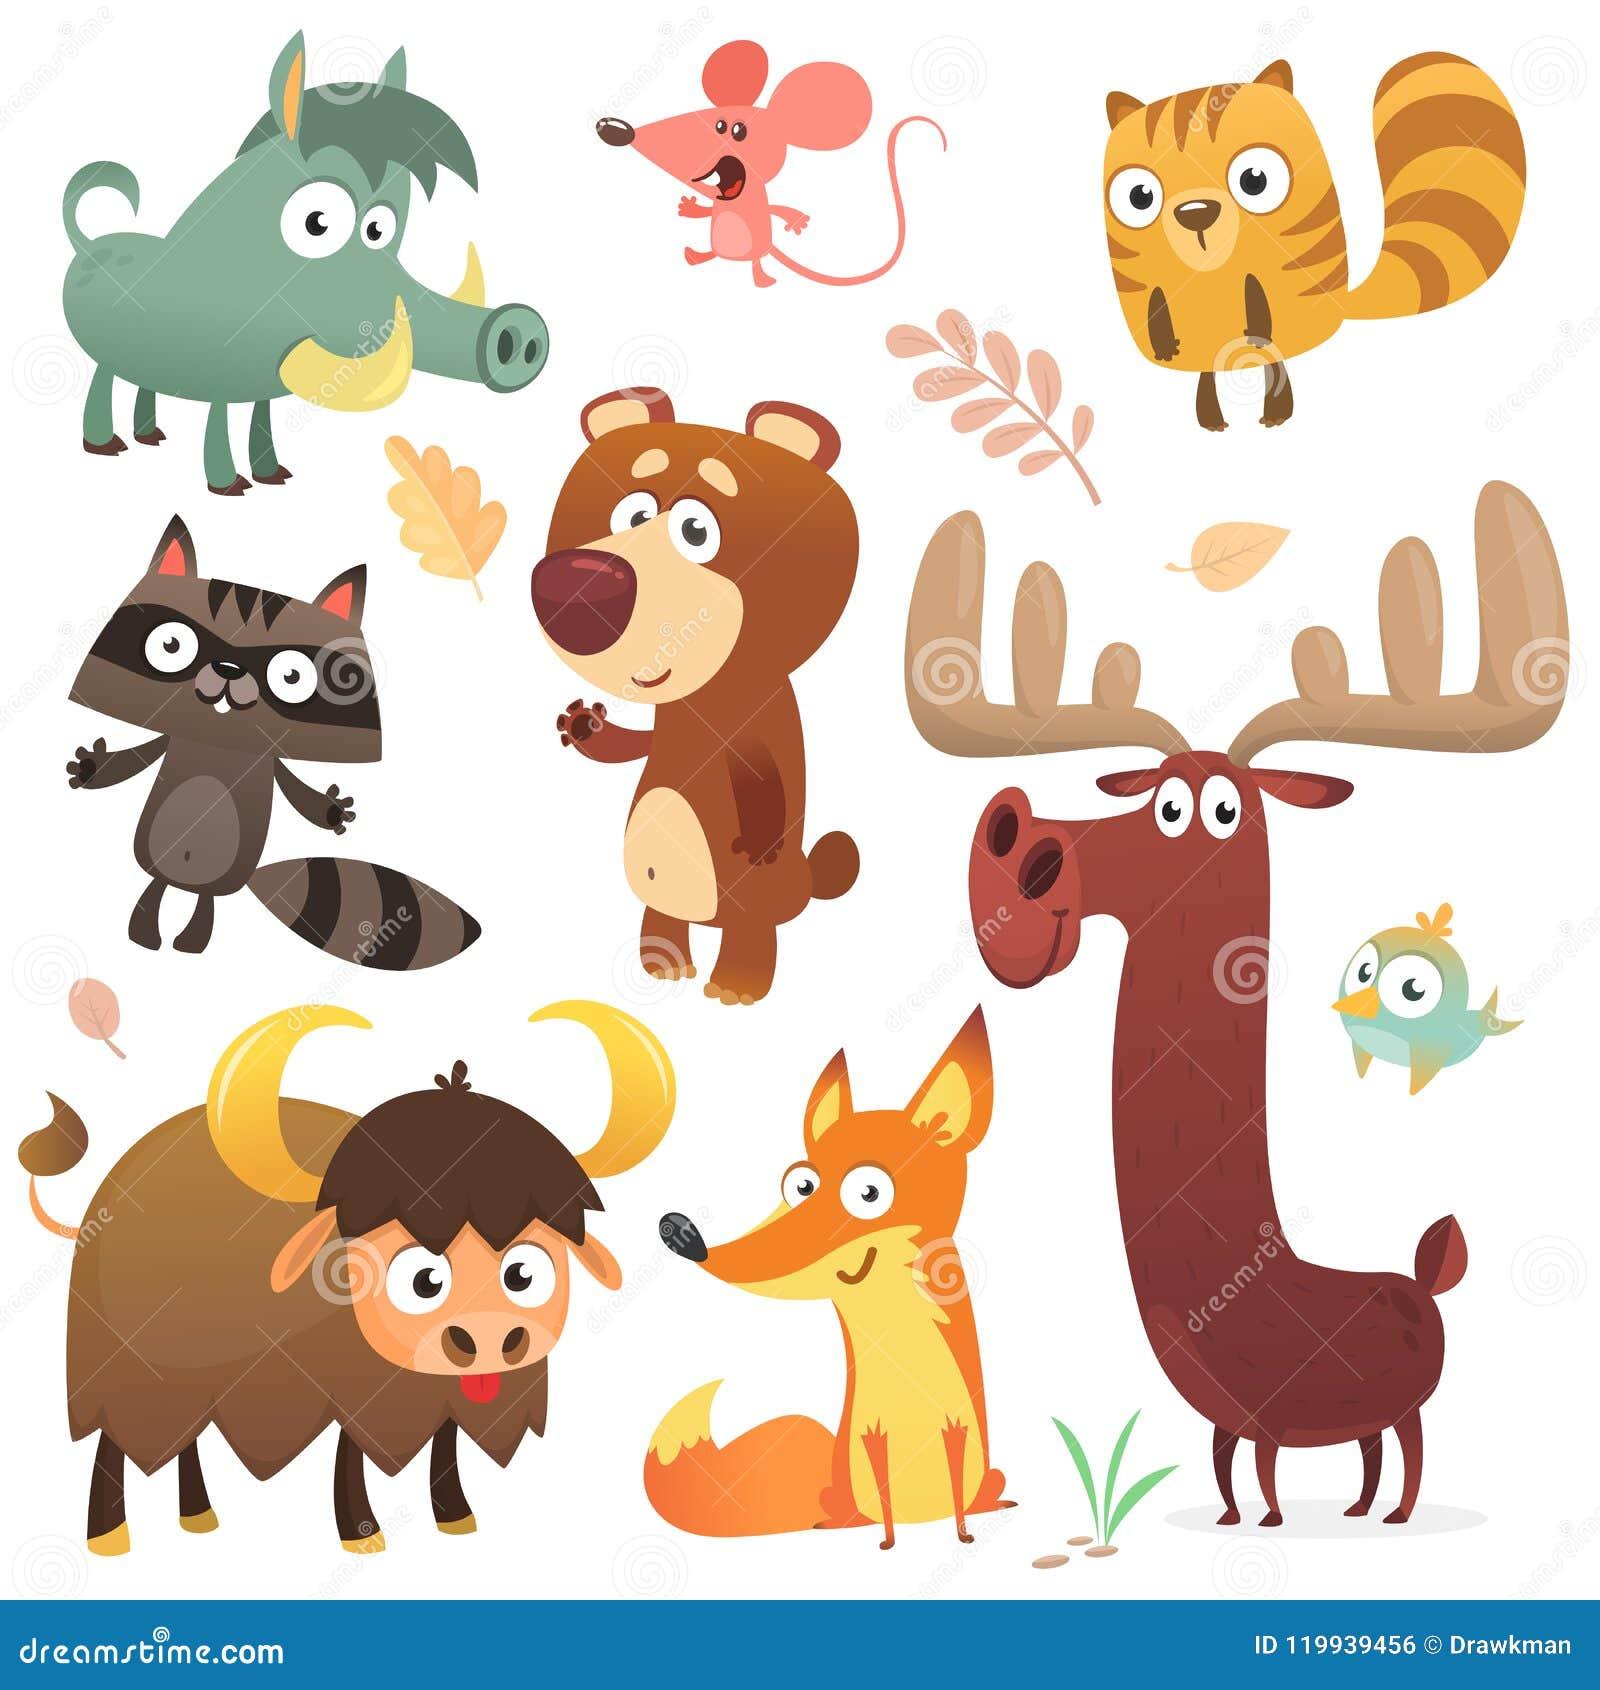 Karikaturwaldtiercharaktere Tier-Sammlungsvektor der wilden Karikatur netter Großer Satz des flachen Vektors der Karikaturwaldtie